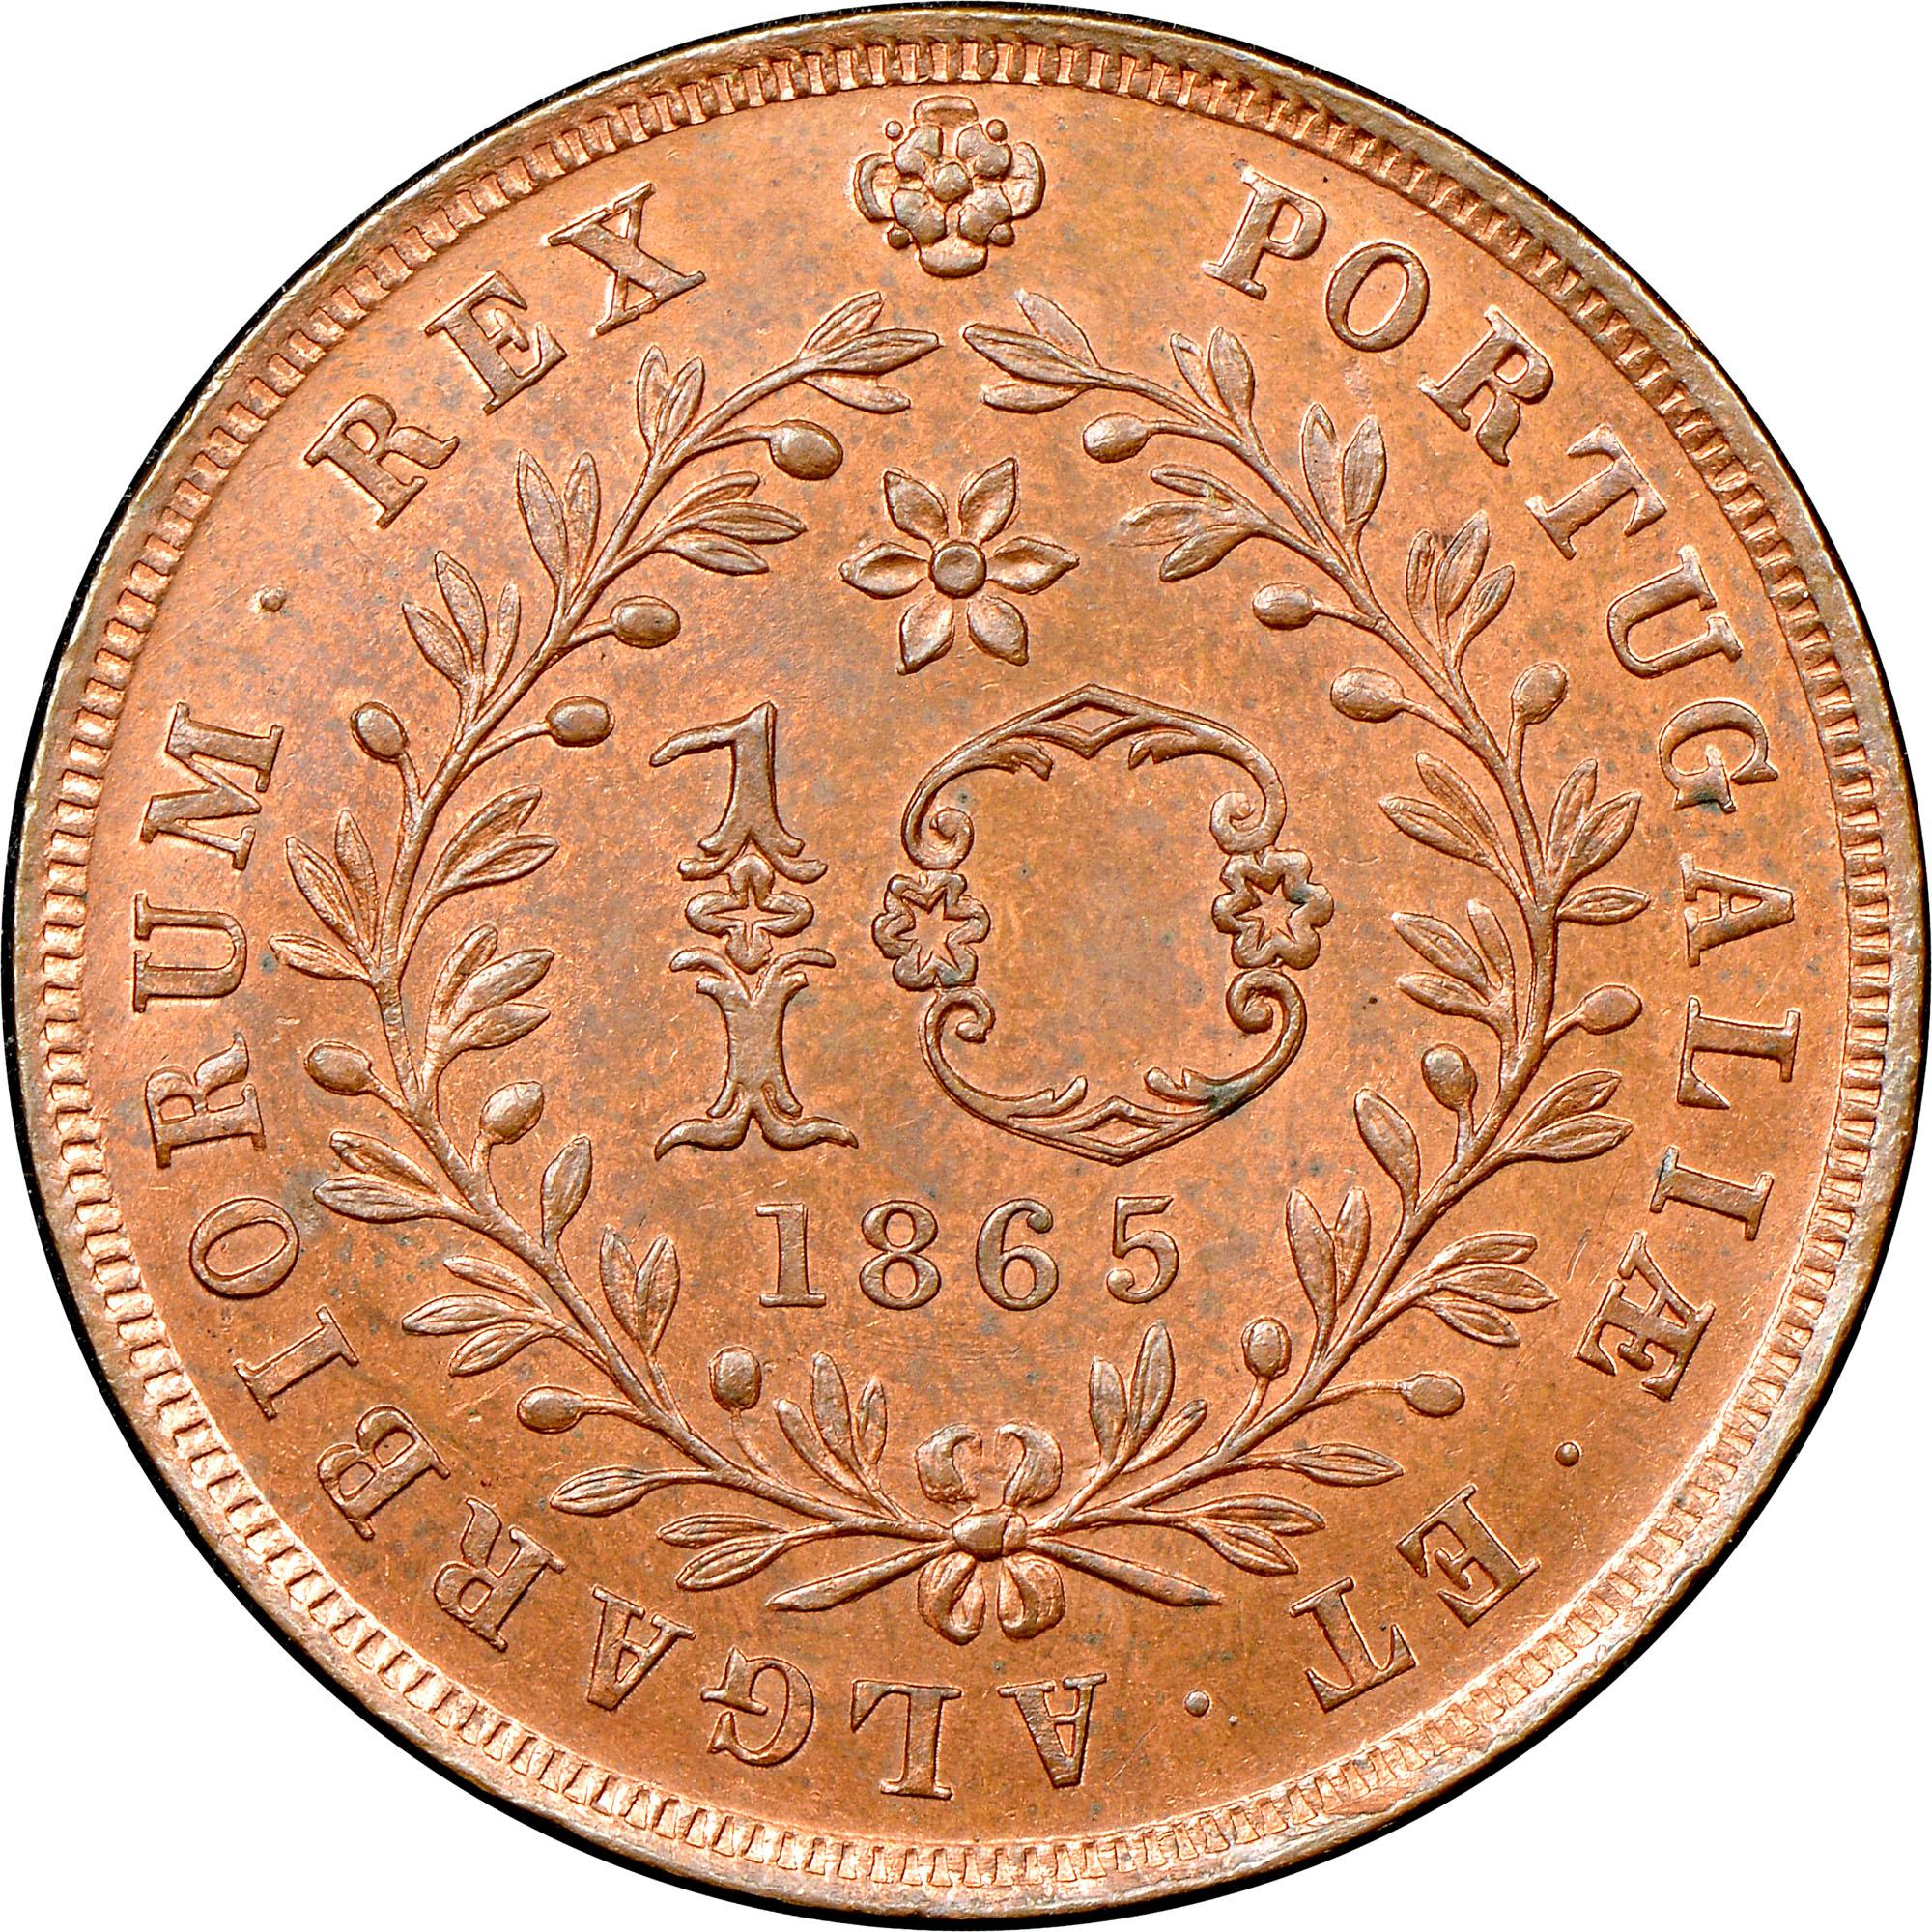 Azores 10 Reis reverse